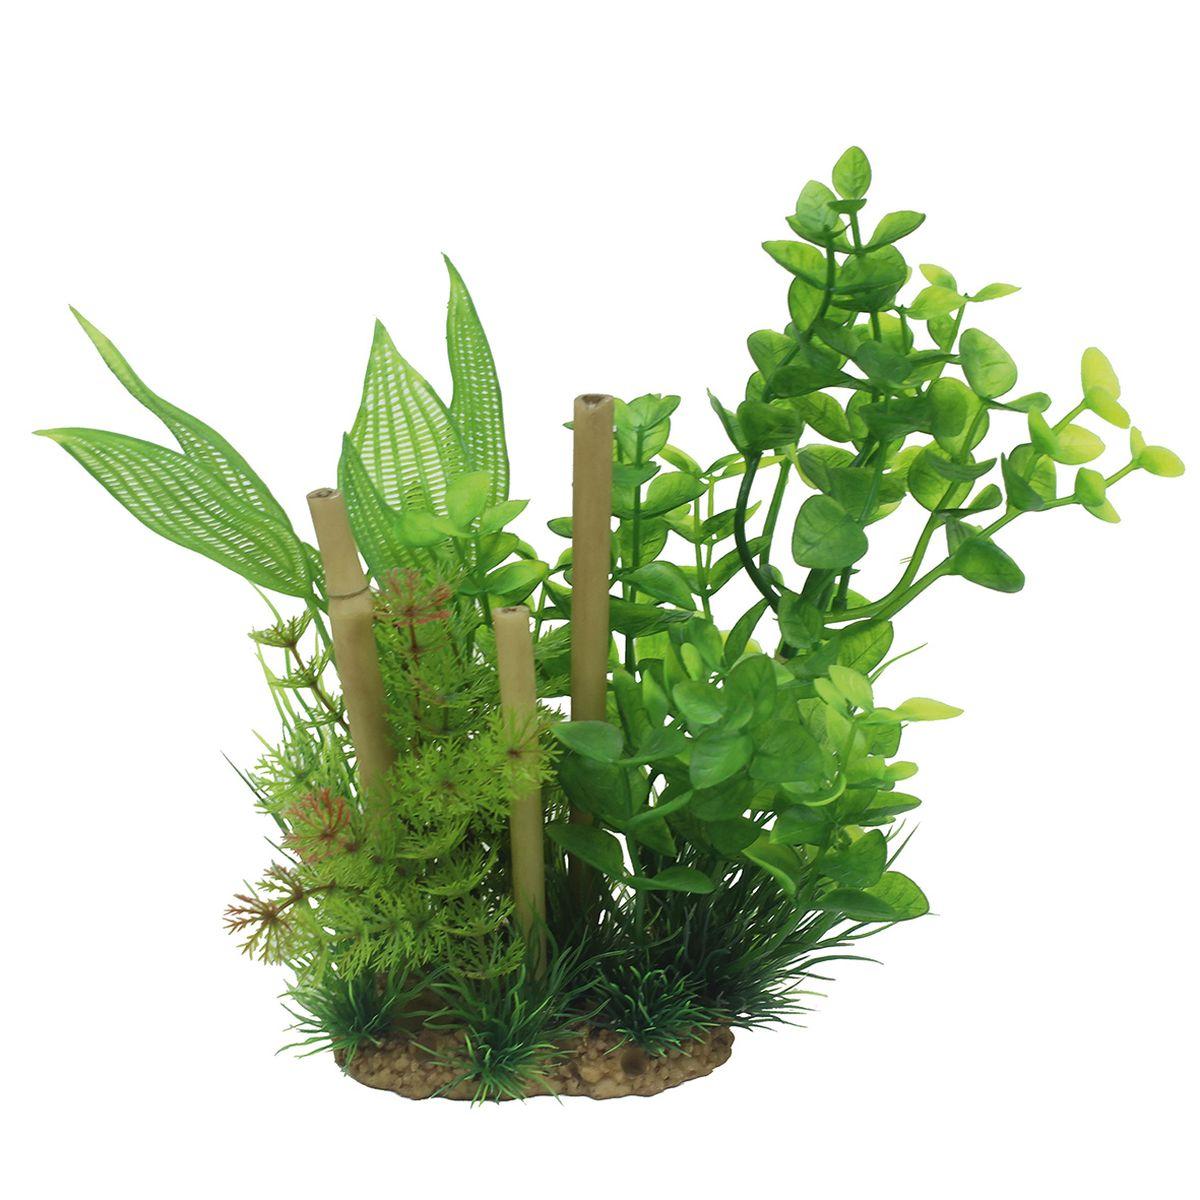 Композиция из растений для аквариума ArtUniq Бакопа с бамбуком, высота 20 смART-1160511Композиция из растений для аквариума ArtUniq Бакопа с бамбуком, высота 20 см